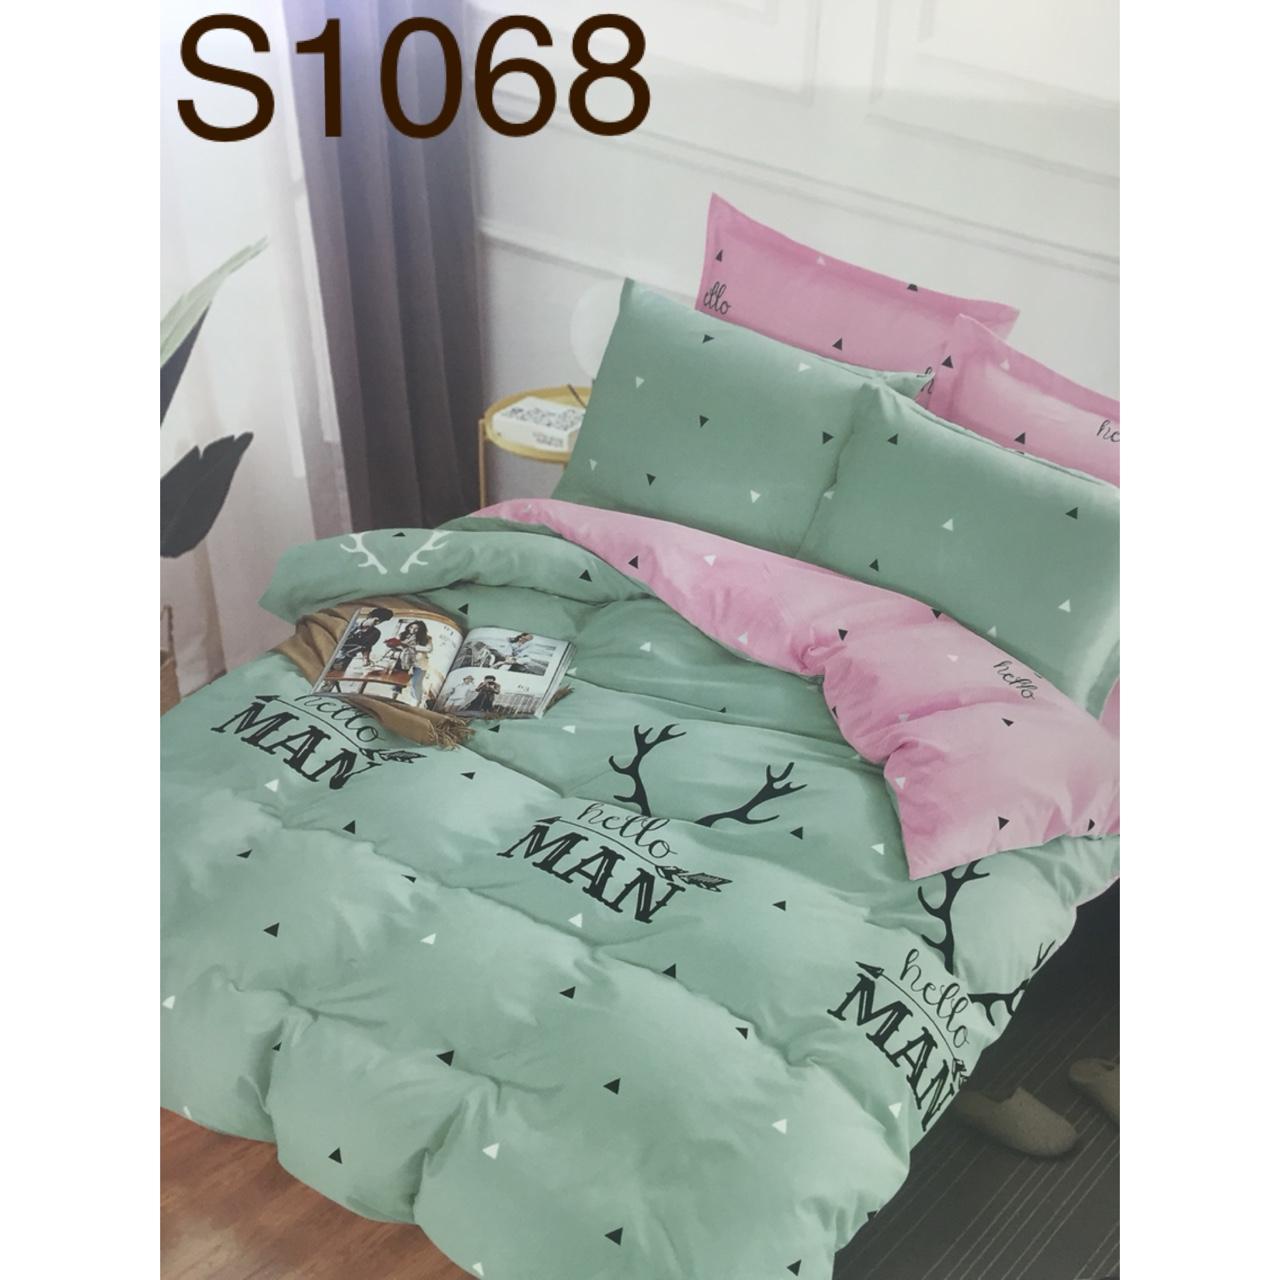 Bộ Chăn Ga Cotton Poly Hàn Quốc - Kí Hiệu: S1068